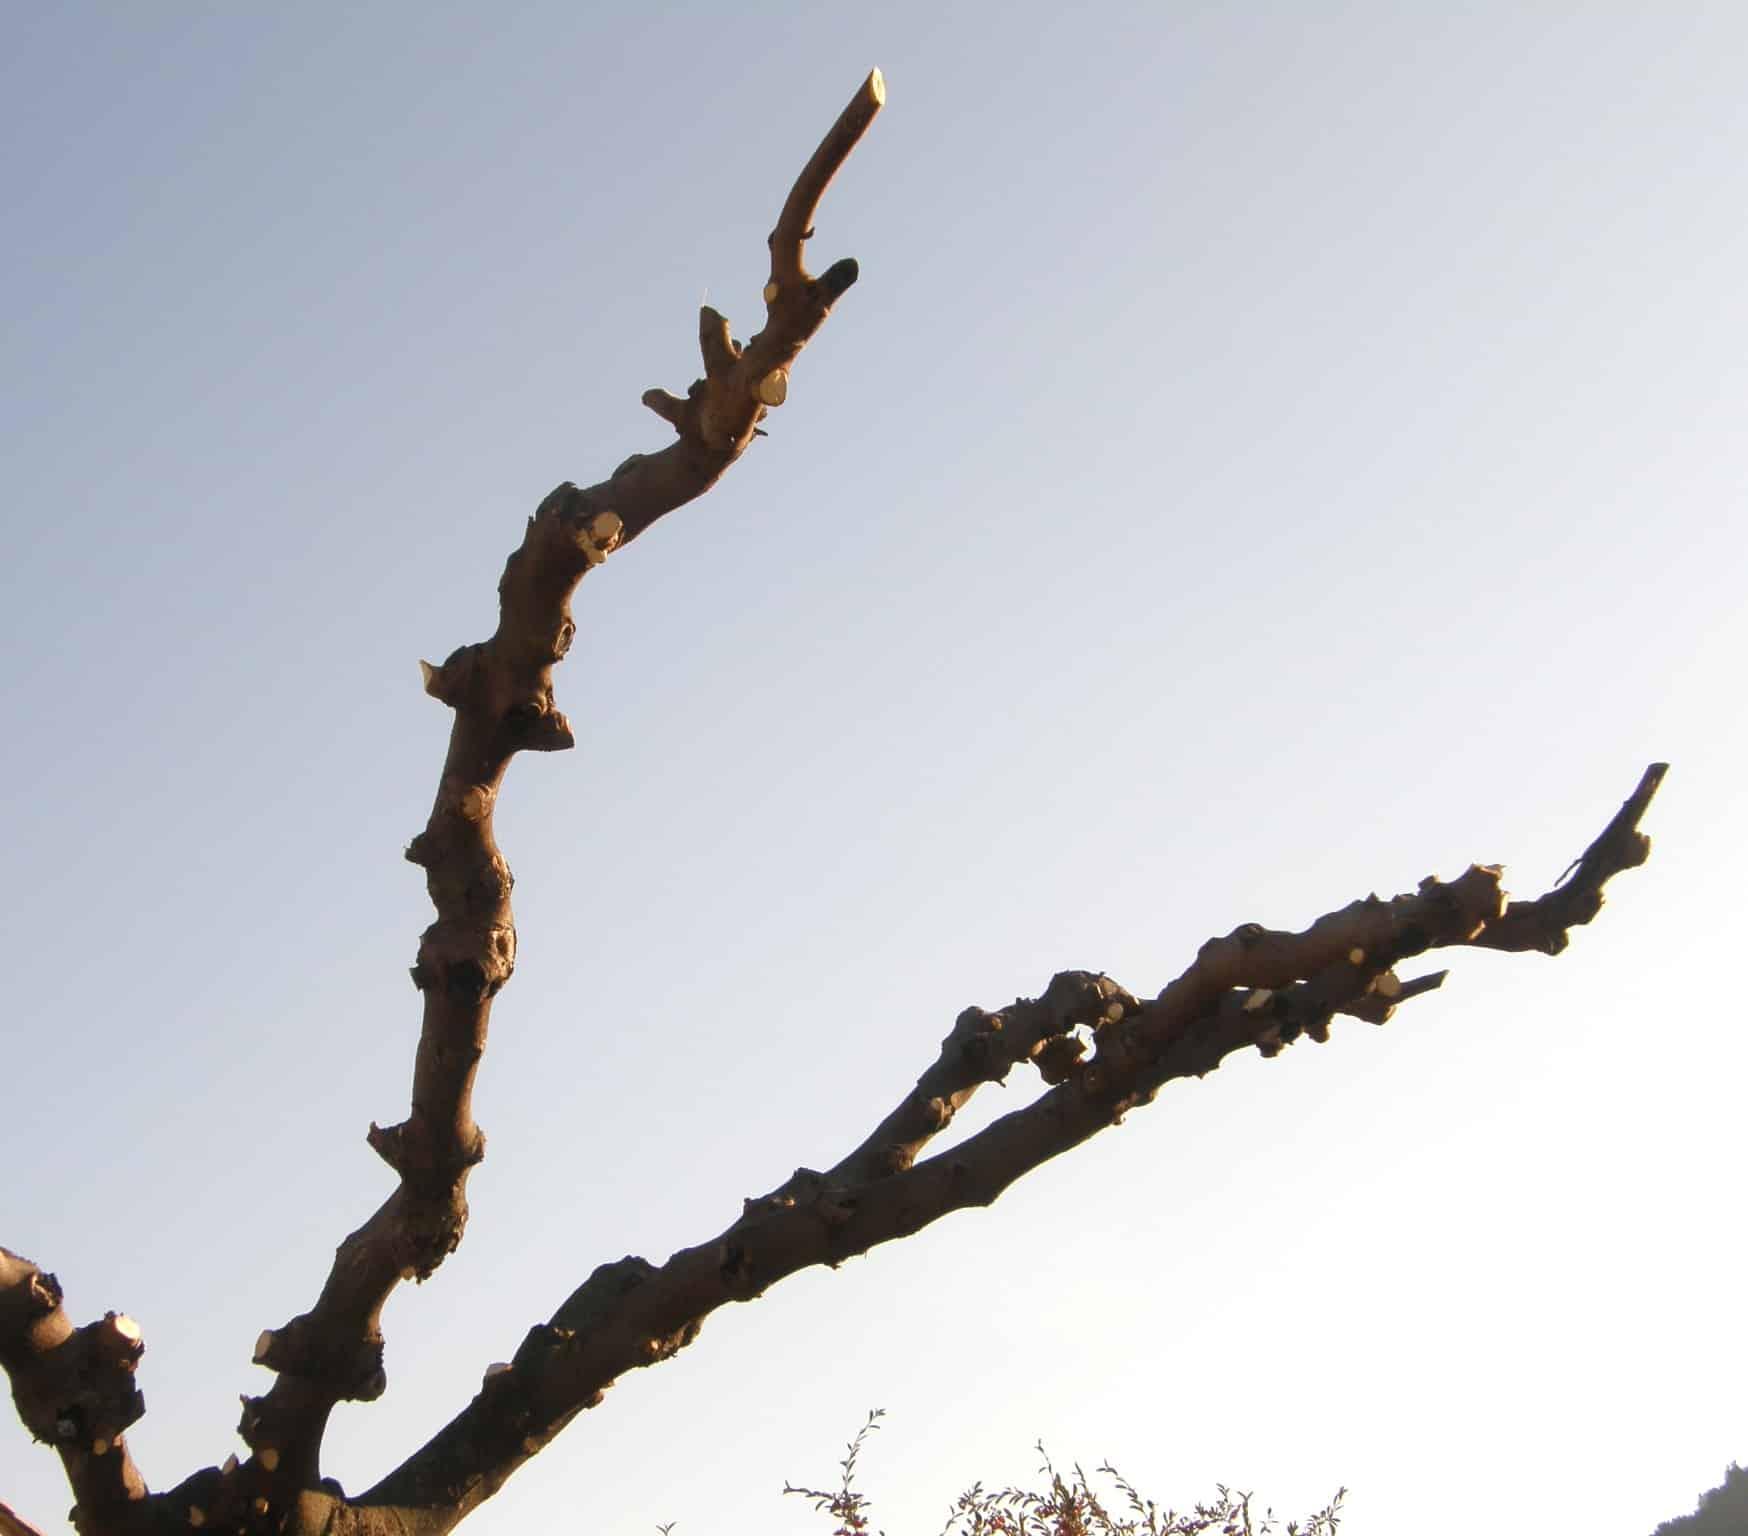 Taille du mûrier platane, exemples à ne pas reproduire